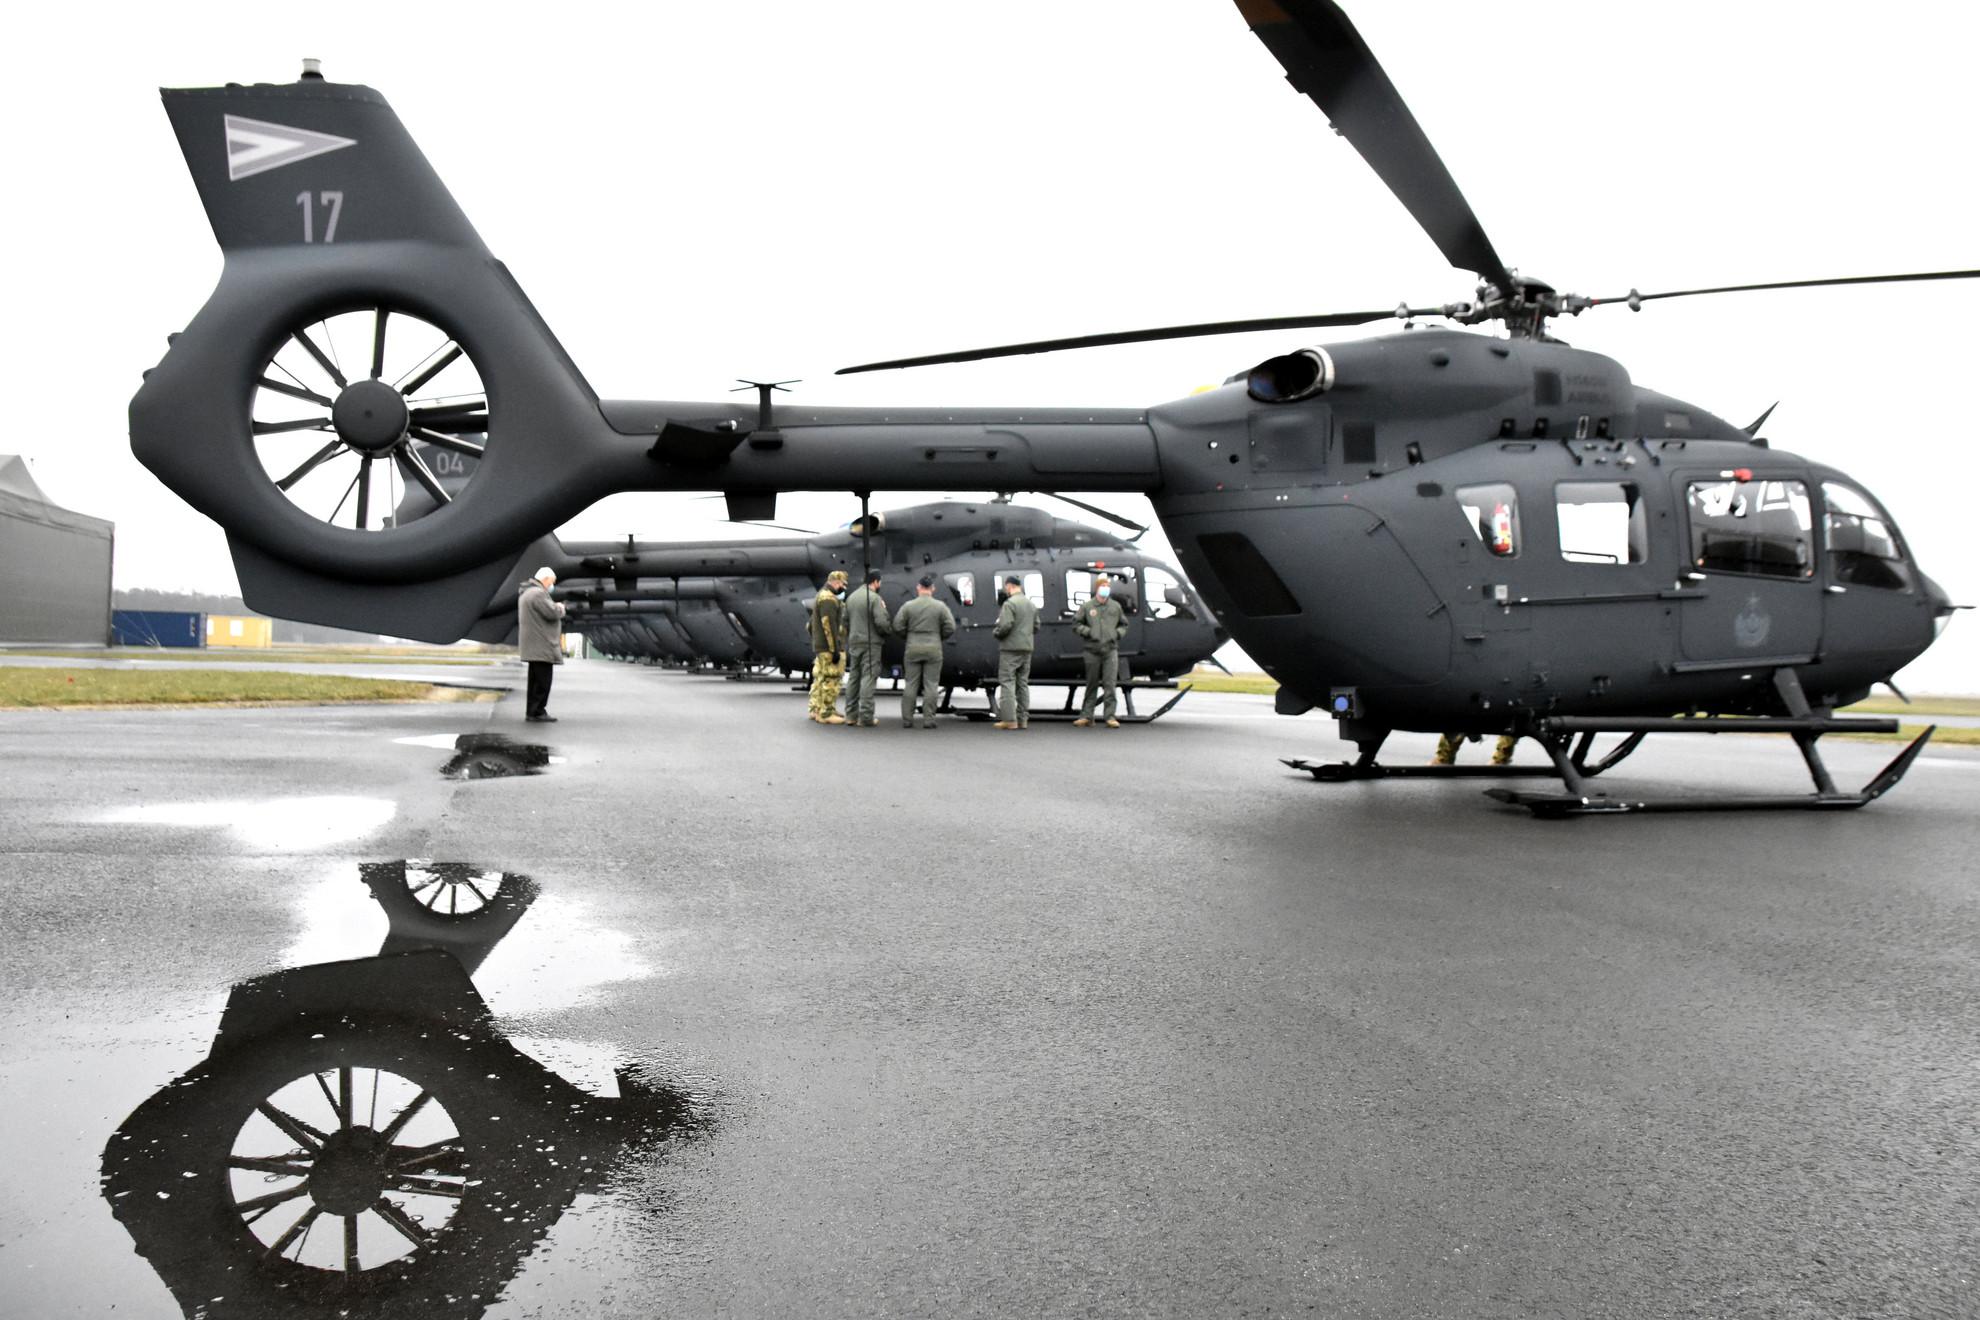 Új Airbus H-145 típusú helikopterek az MH 86. Szolnok Helikopter Bázison 2020. december 18-án